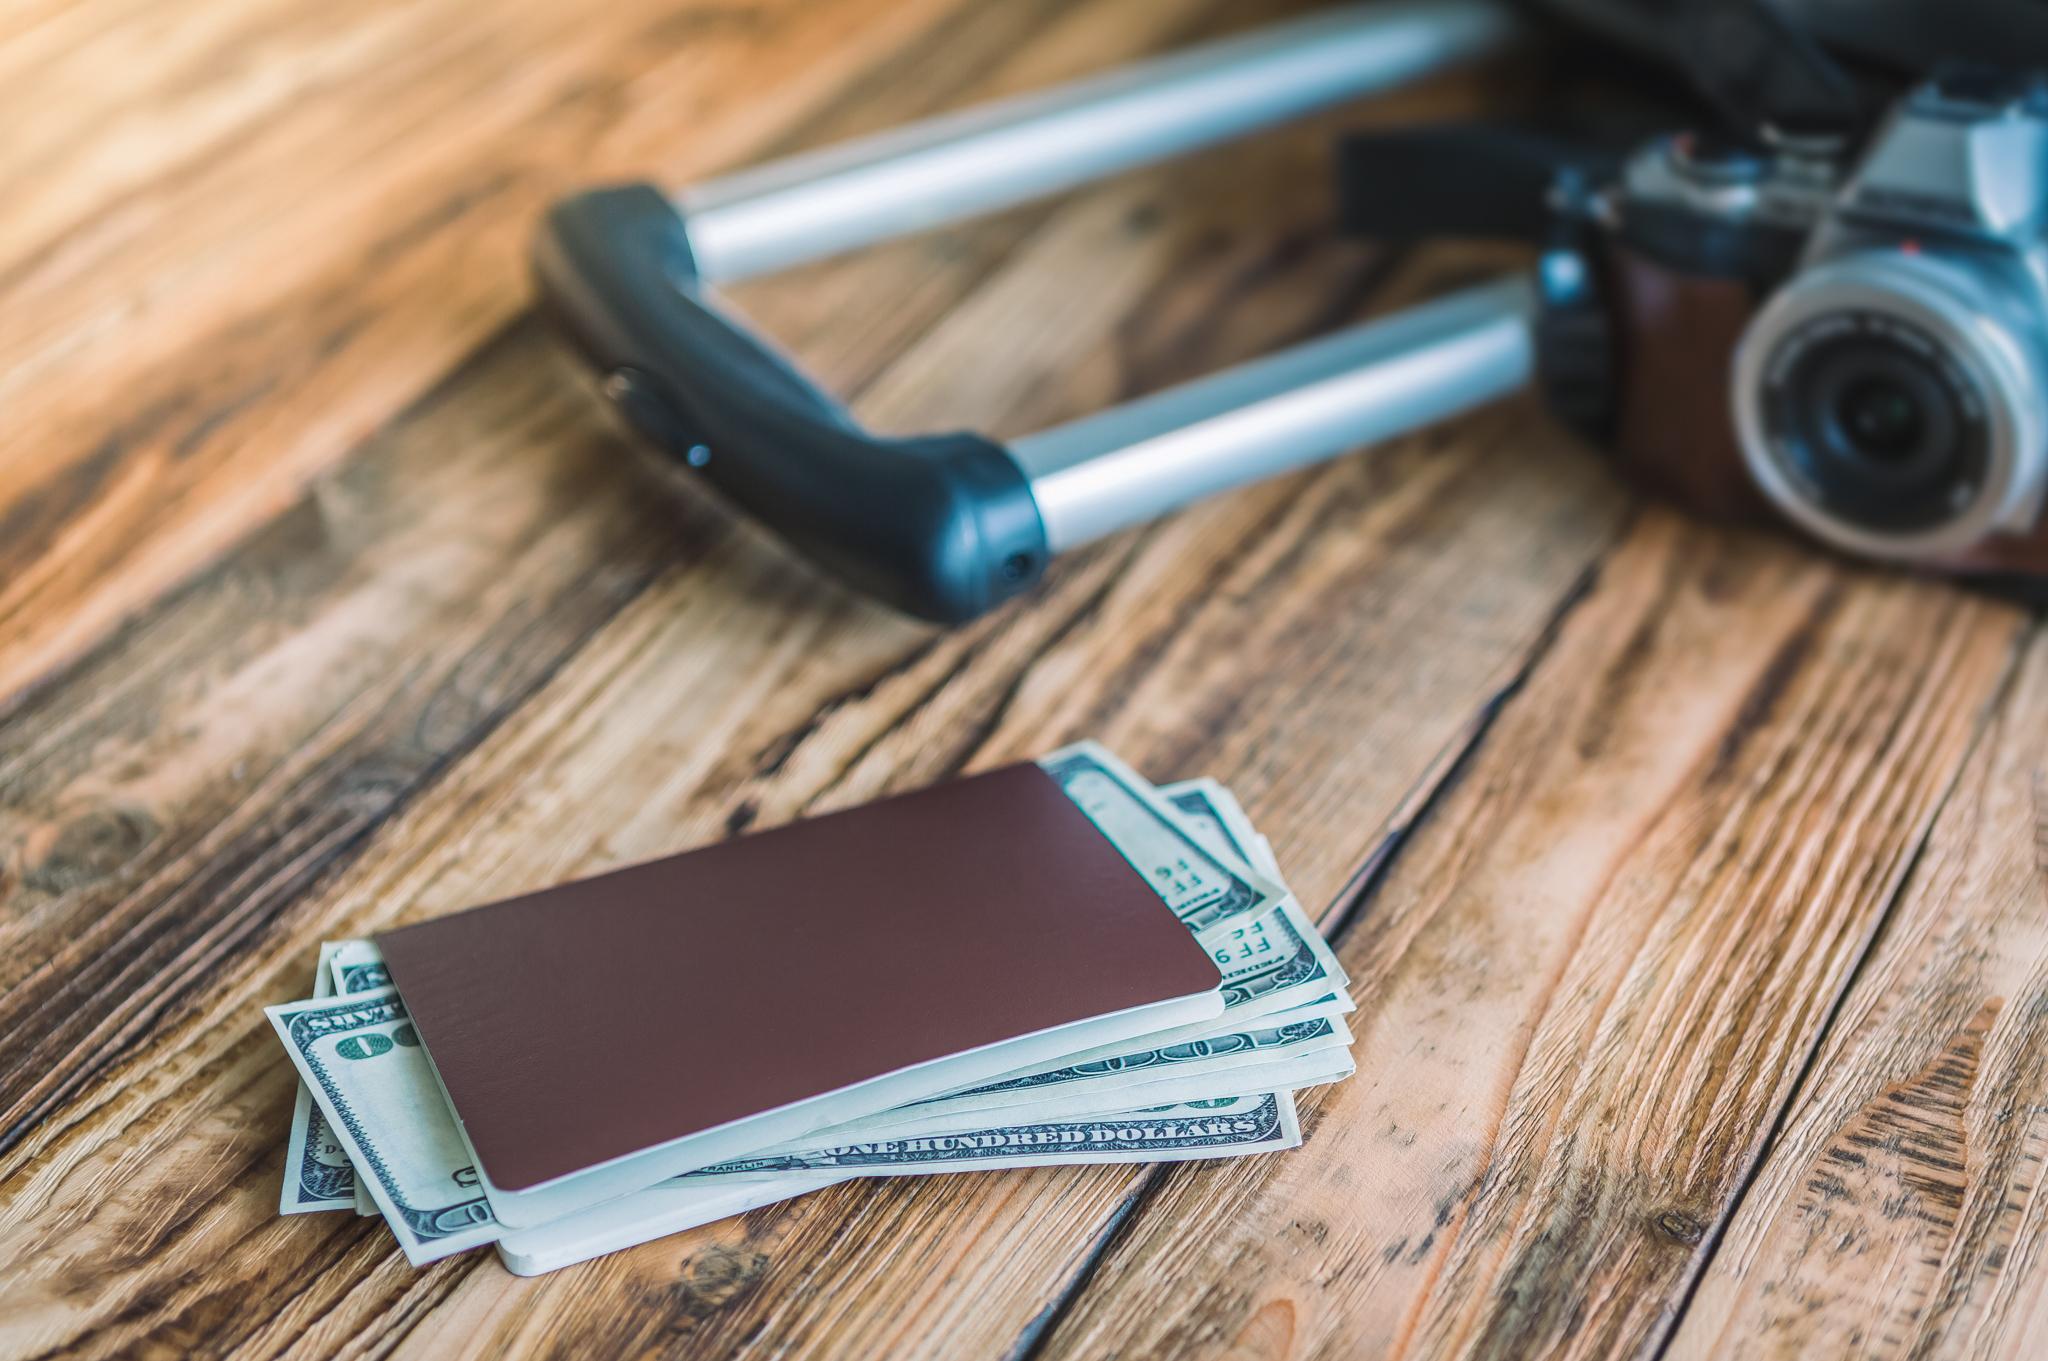 choisir-banque-voyage-etranger-carte-bancaire